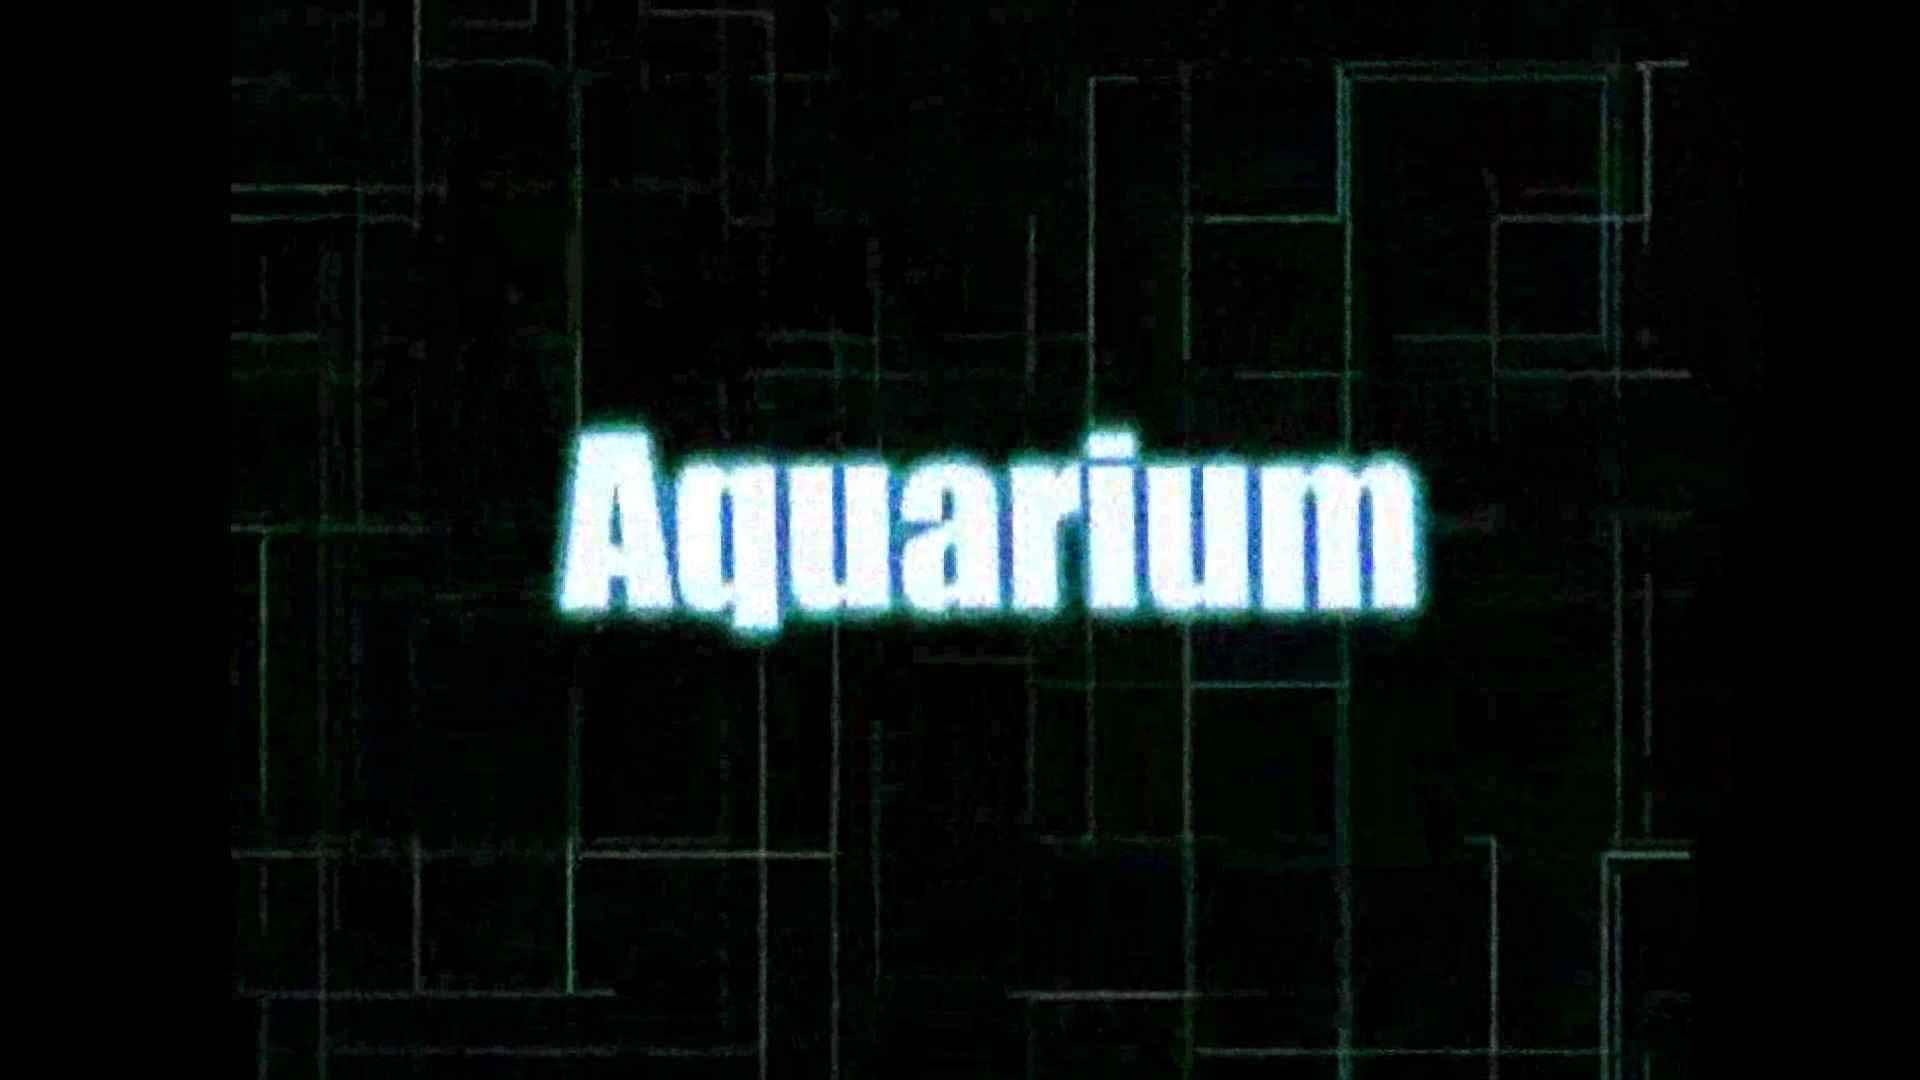 Aquaな露天風呂Vol.867潜入盗撮露天風呂参判湯 其の二 OLセックス | 盗撮  58画像 9